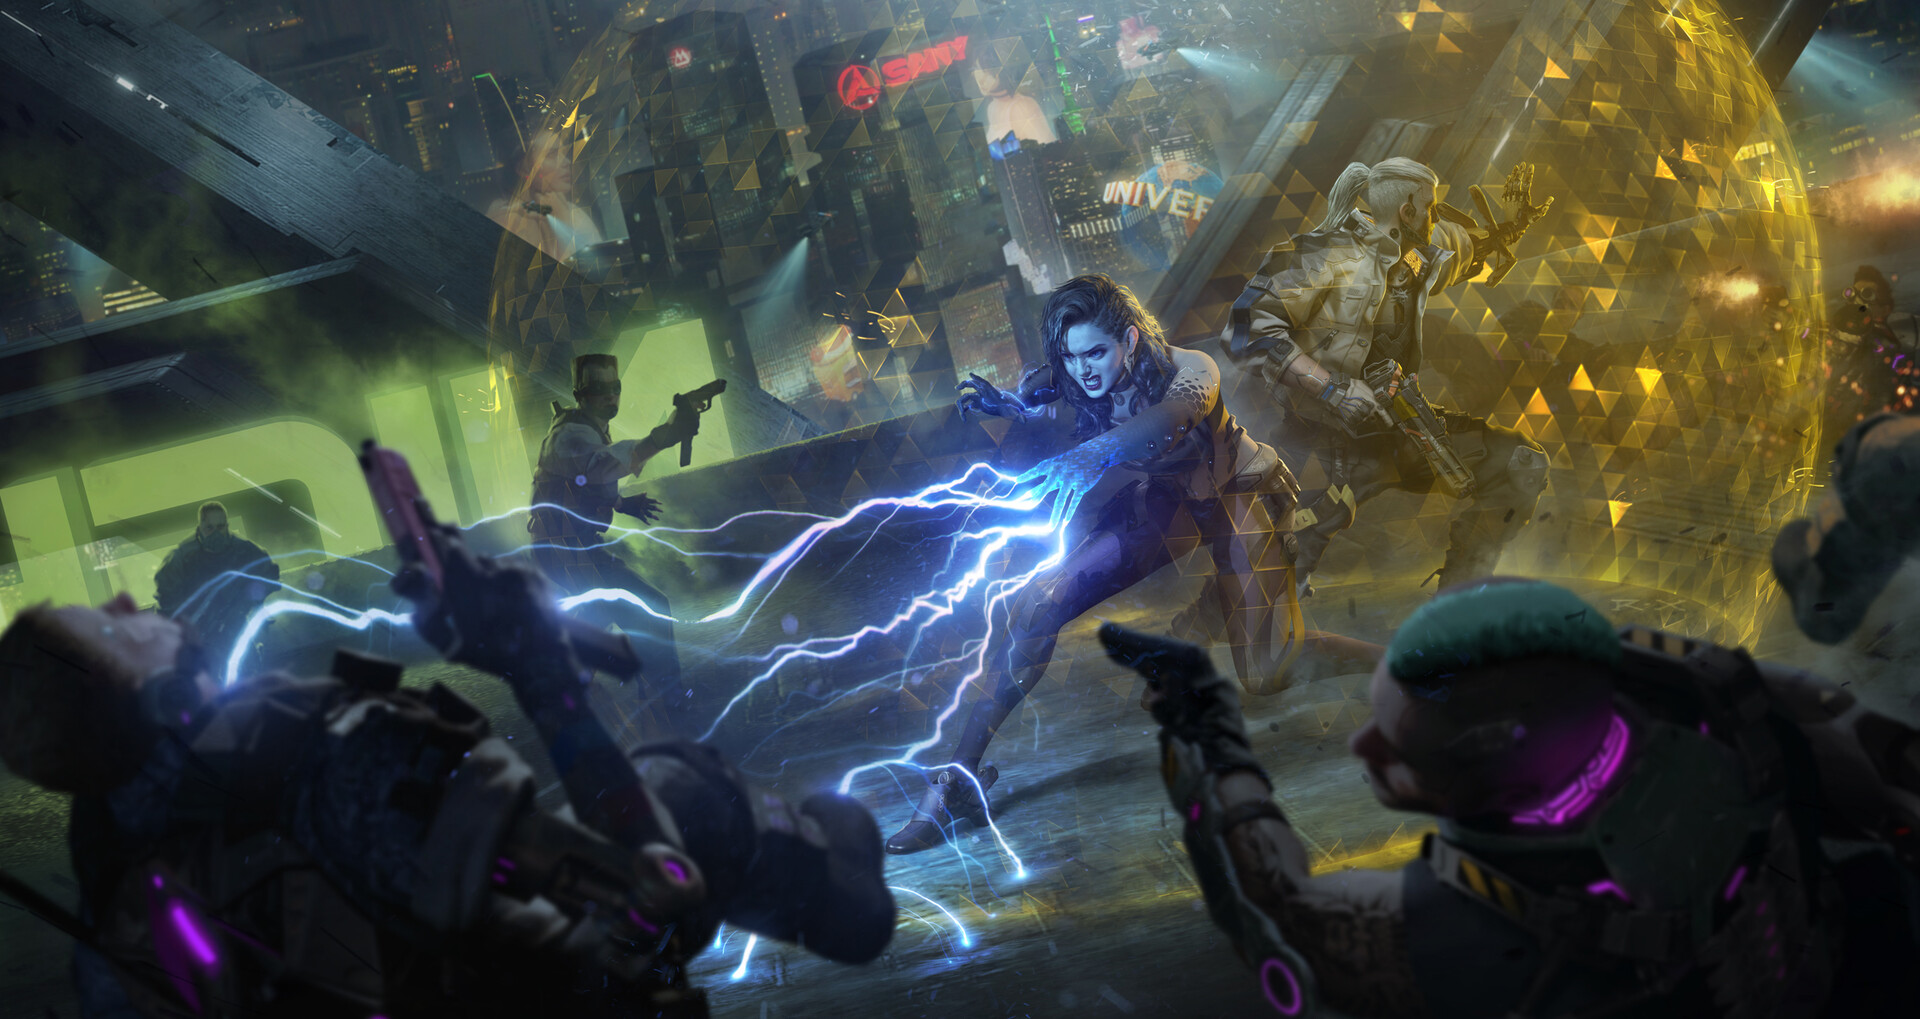 CQ6xnPm5RuA.jpg - The Witcher 3: Wild Hunt Геральт из Ривии, Йеннифер из Венгерберга